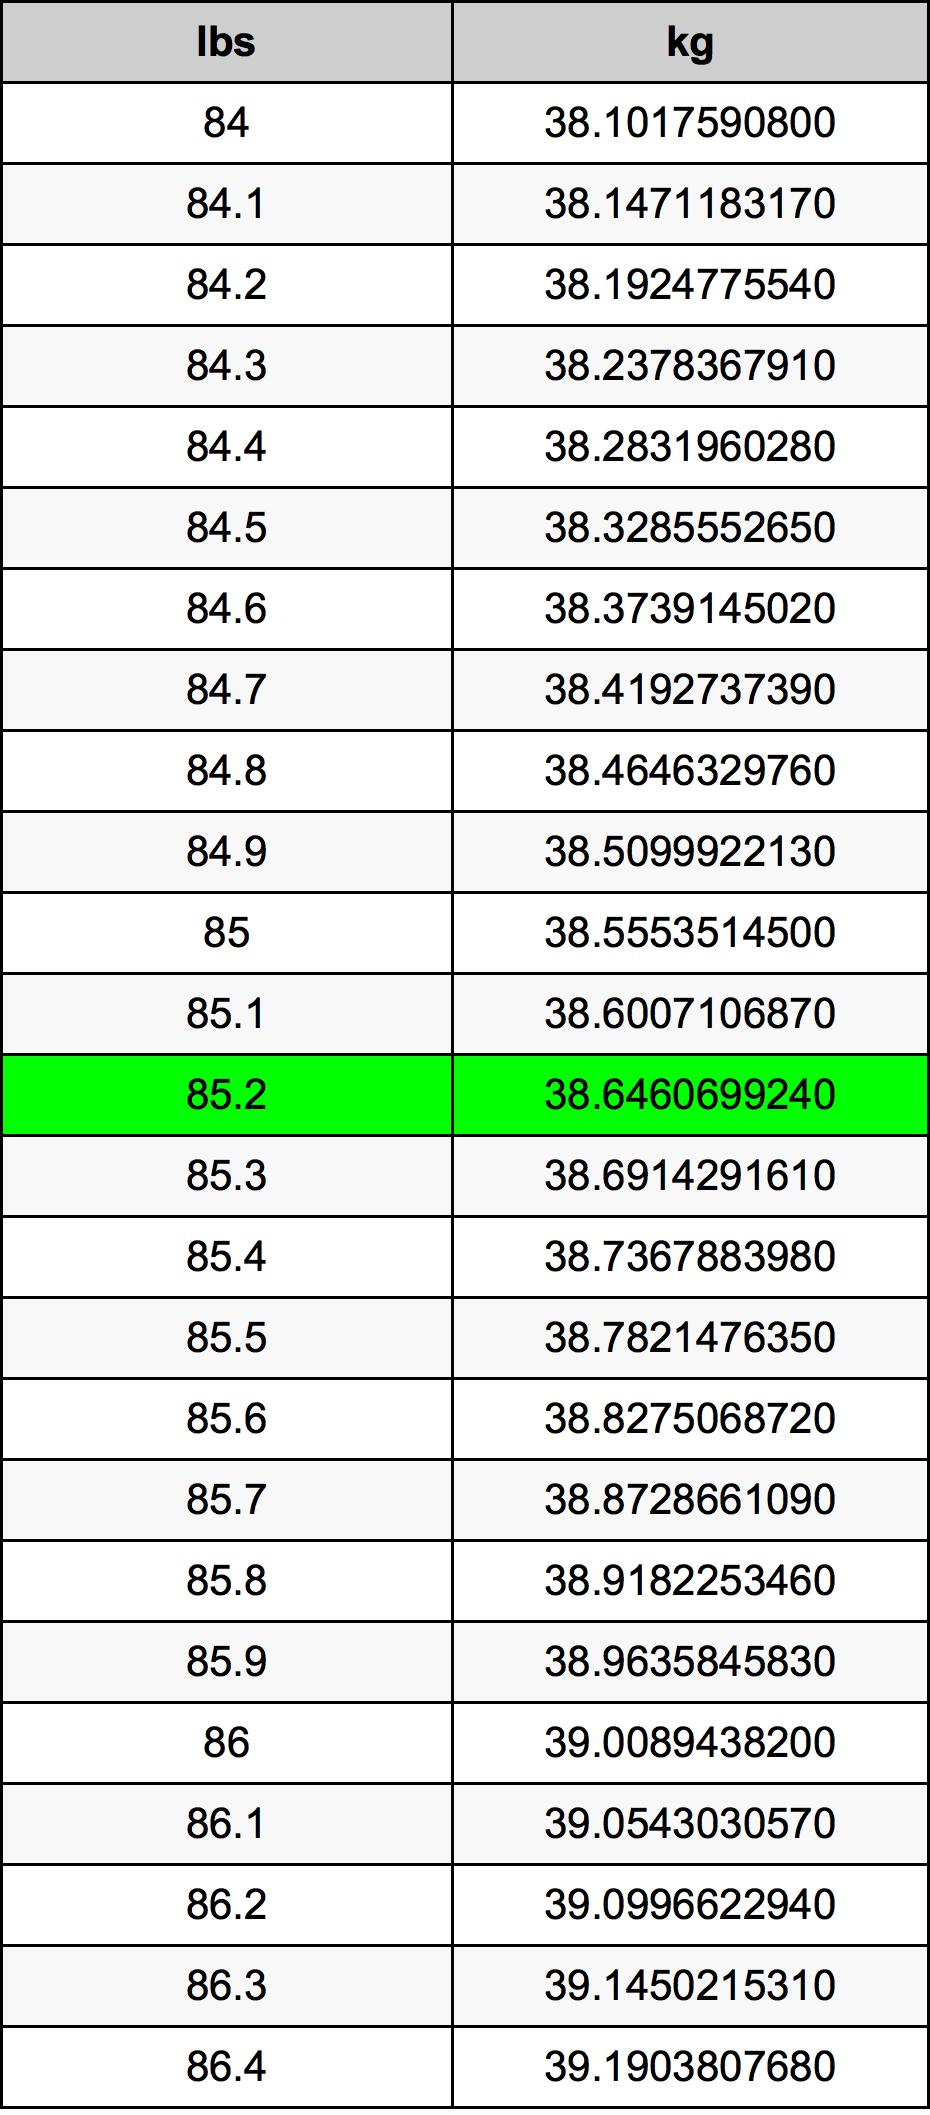 85.2 رطل جدول تحويل